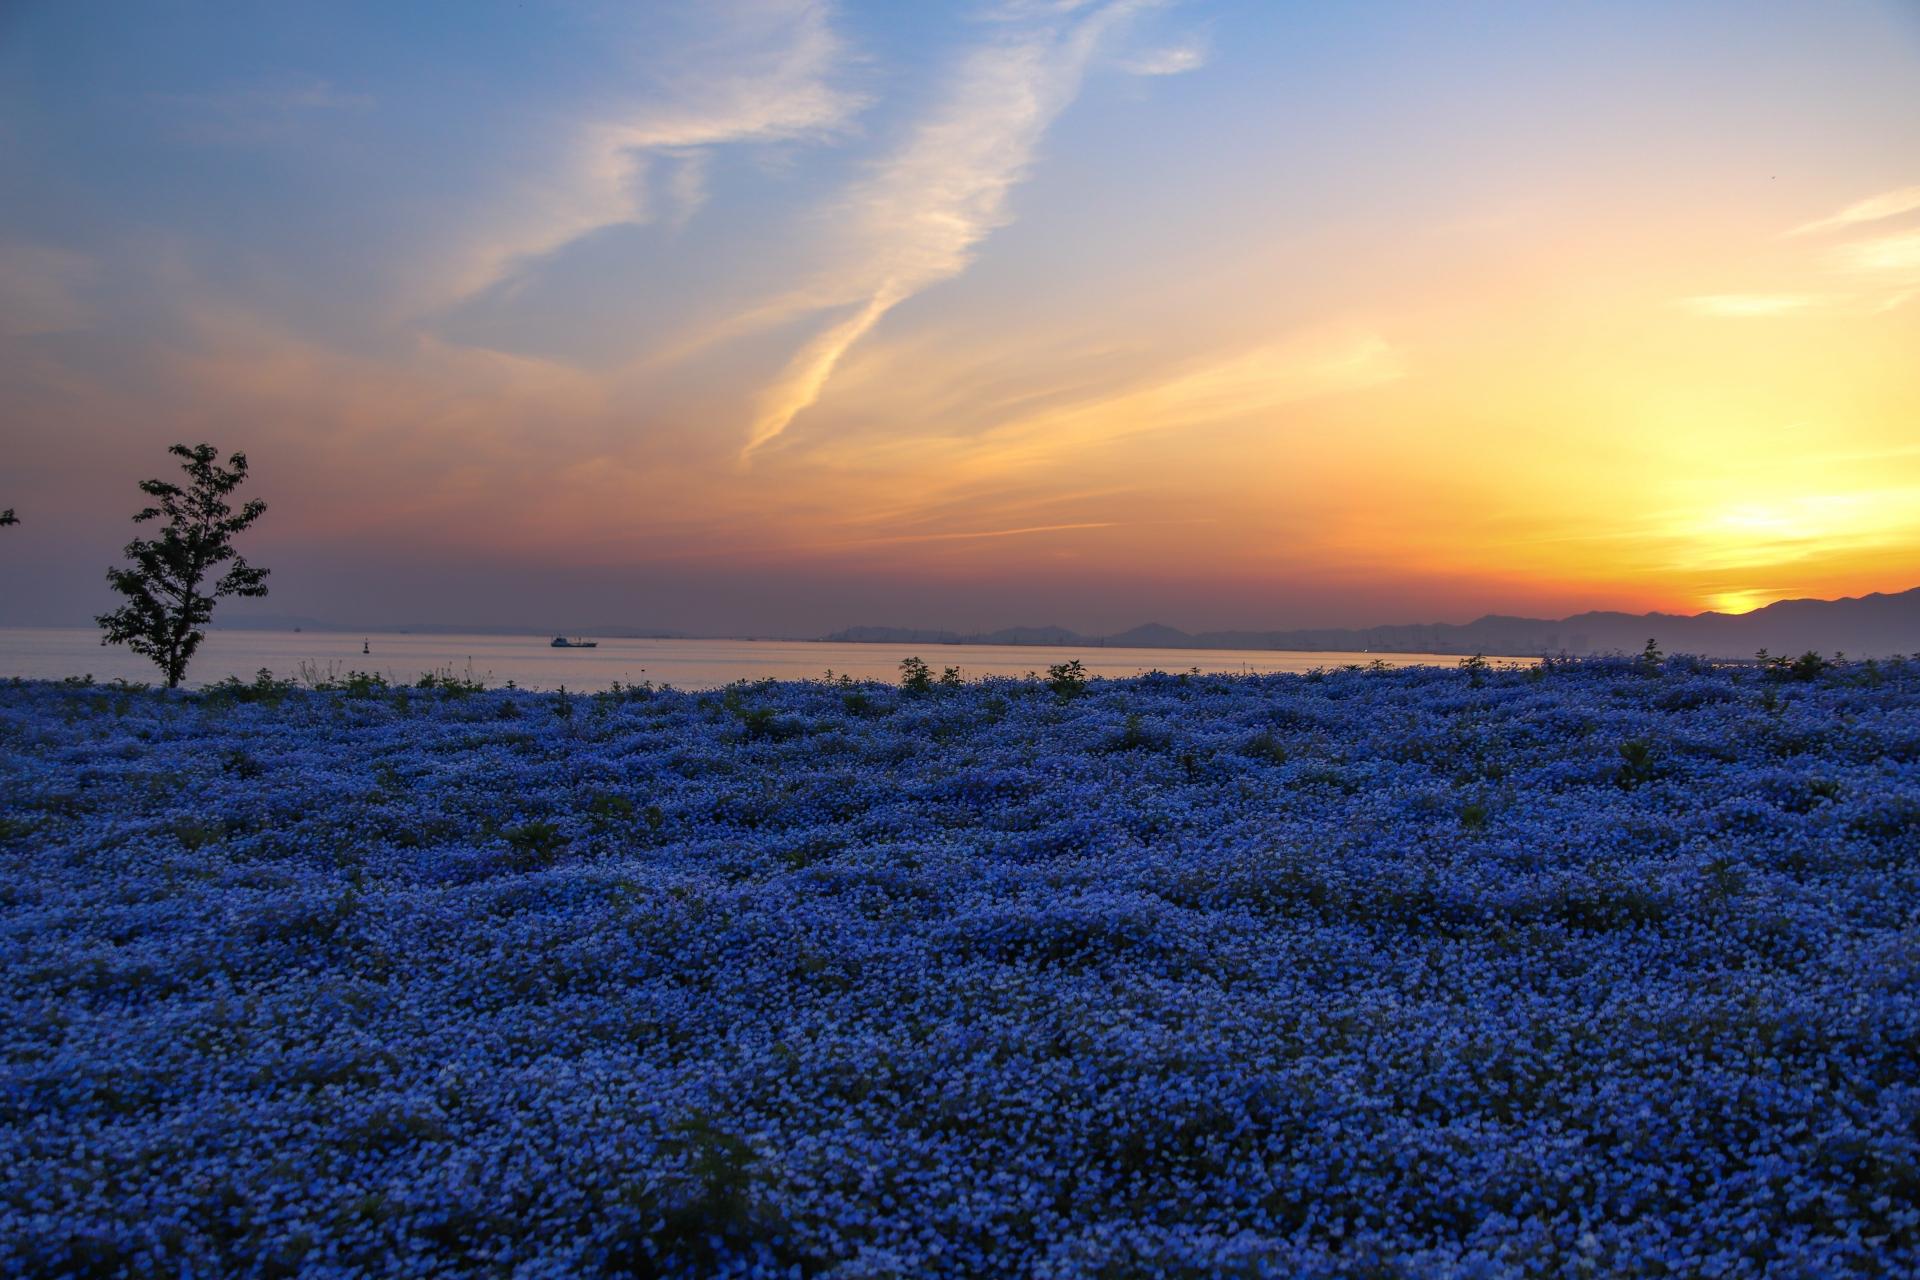 4488216_m 大阪府 大阪まいしまシーサイドパーク(一面に咲くネモフィラと空と海の青の絶景スポット! 写真の紹介、アクセス情報など)